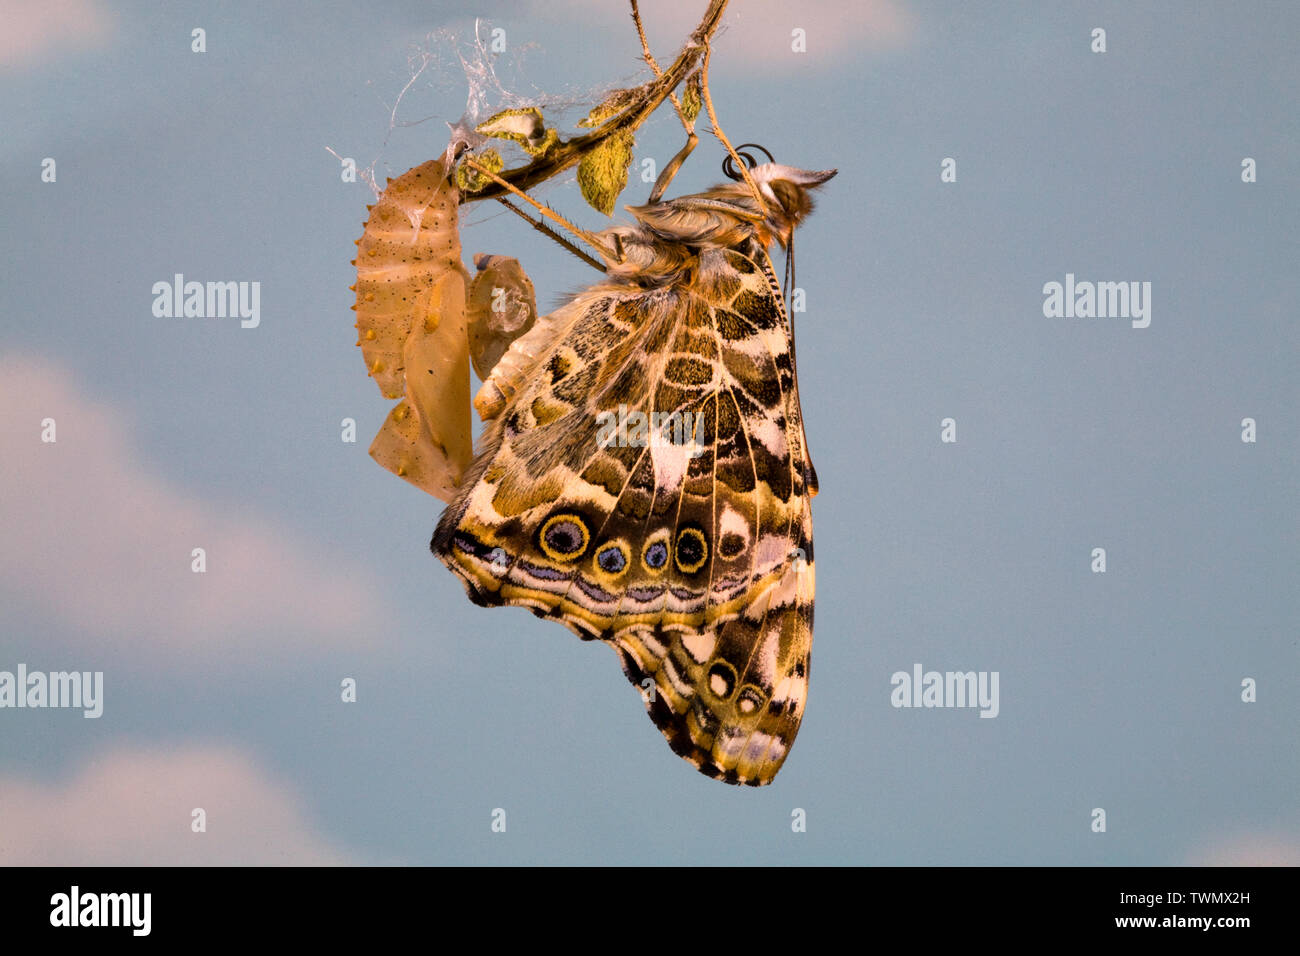 Un Painted Lady butterfly, Vanessa cardui, justo después eclosing (emergentes) de su crisálida. Foto de stock